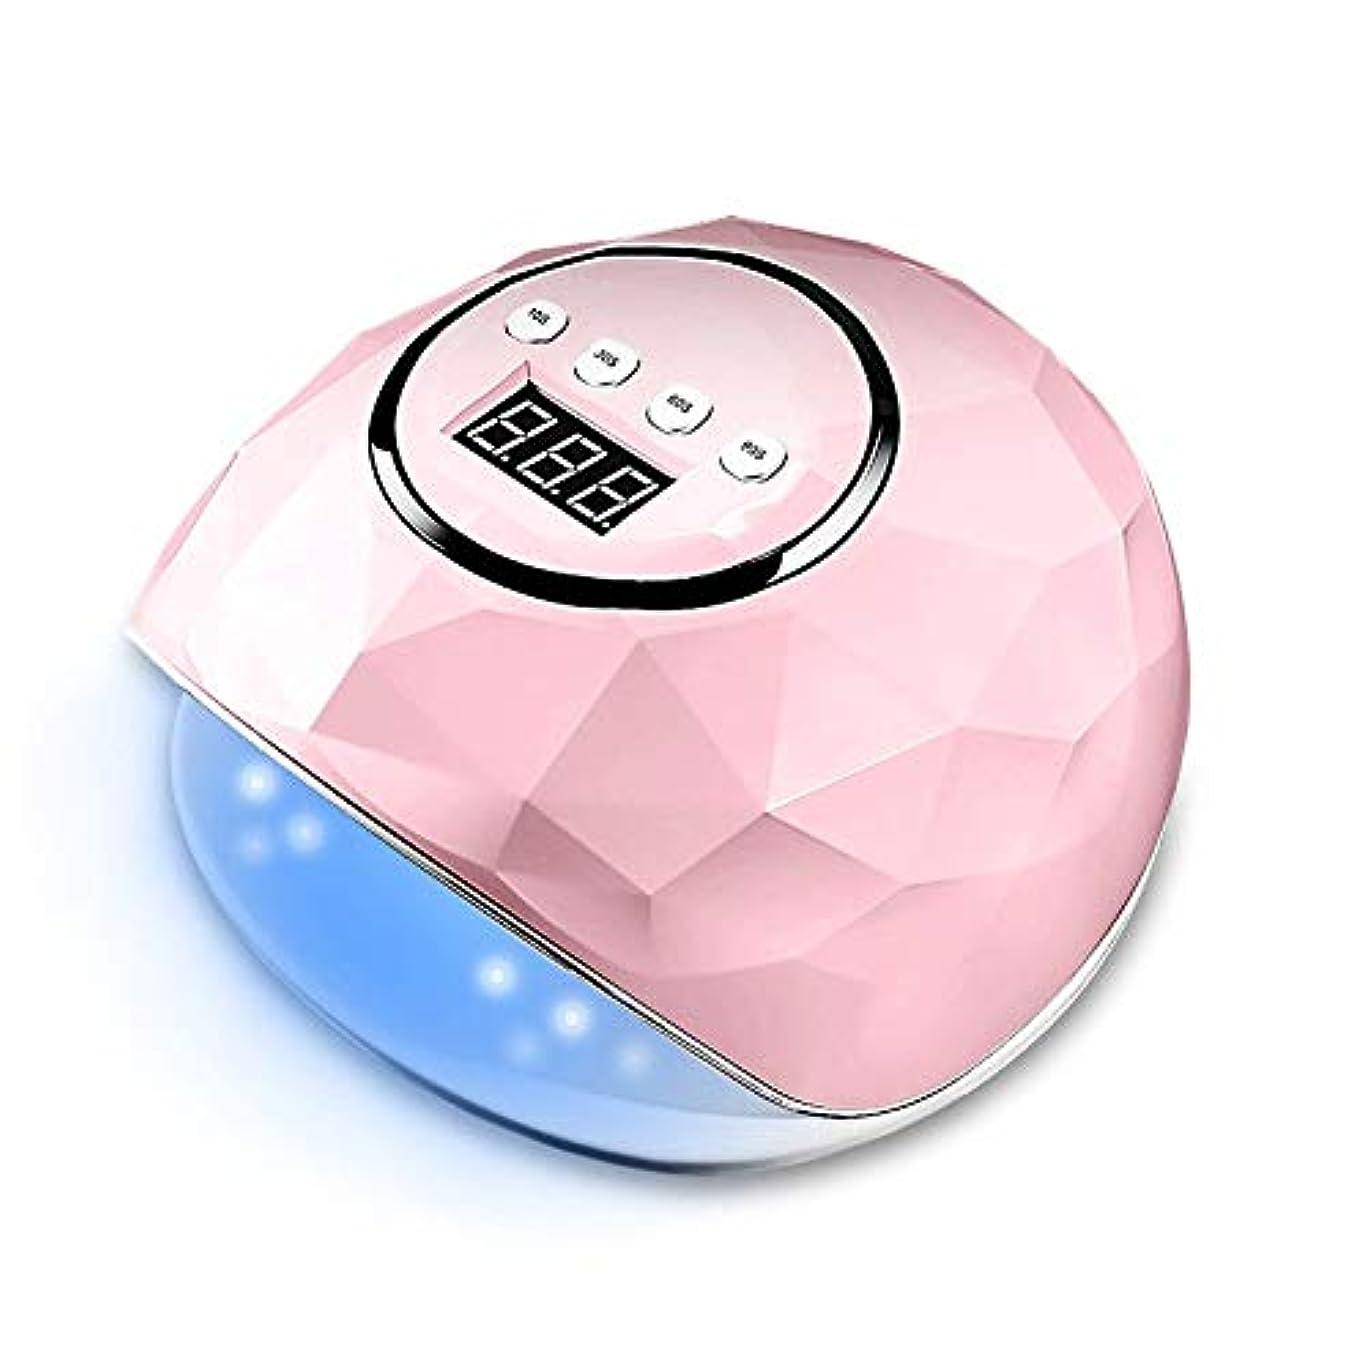 愛人話検体UV光LEDネイルドライヤージェルマニキュアおよびつま先ネイル硬化用自動硬化ランプ(自動センサー付き)(ピンク)